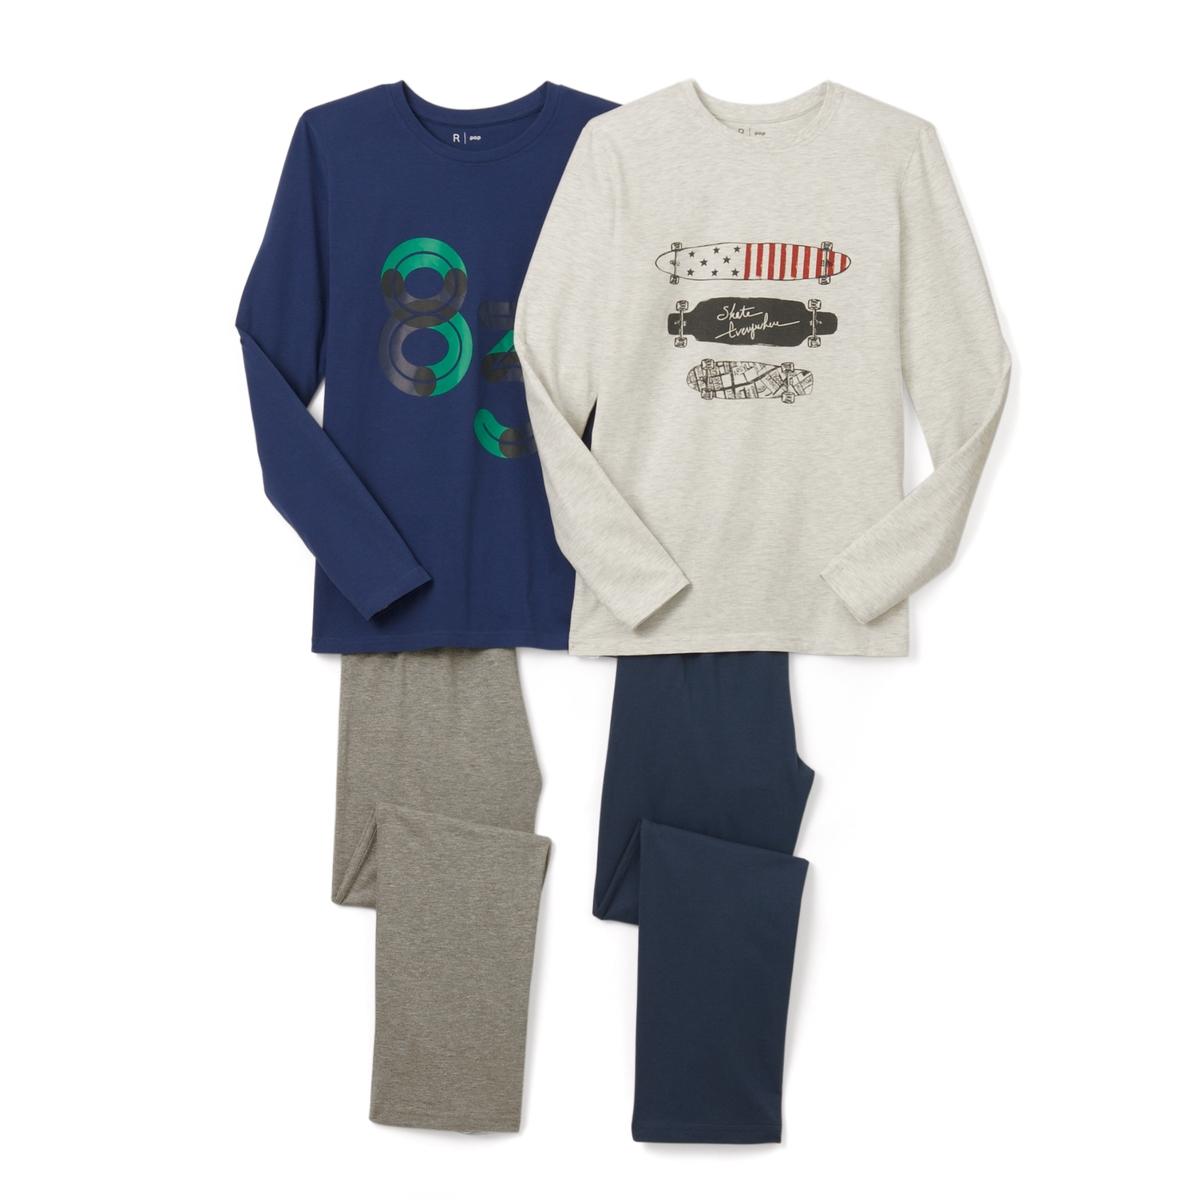 2 пижамы с принтом 10-16 летПижама: футболка с длинными рукавами и брюки. В комплекте 2 пижамы : Футболки с разными рисунками  . Брюки однотонные с эластичными поясами.Состав и описание :    Материал       Джерси 100% хлопок  (кроме цвета серый меланж: преимущественно из хлопка).  Уход: : - Машинная стирка при 30°C с вещами схожих цветов. Стирка и глажка с изнаночной стороны. Машинная сушка в умеренном режиме. Гладить на низкой температуре.<br><br>Цвет: синий/светло-серый меланж<br>Размер: 10 лет - 138 см.16 лет - 174 см.14 лет - 162 см